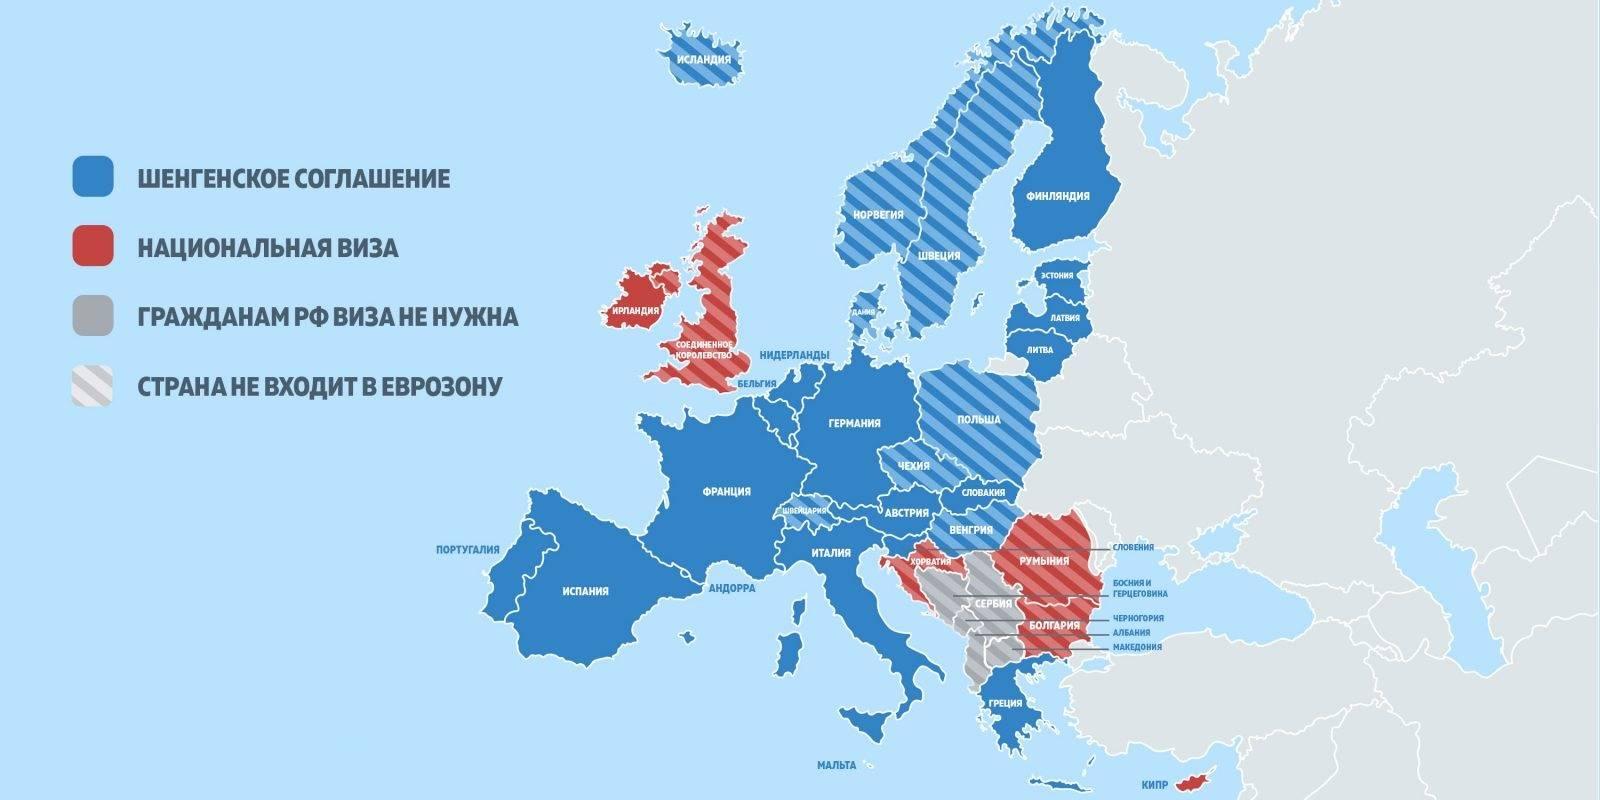 Правила въезда в европу: что изменилось после коронавируса | kids and parents air правила въезда в европу: что изменилось после коронавируса | kids and parents air